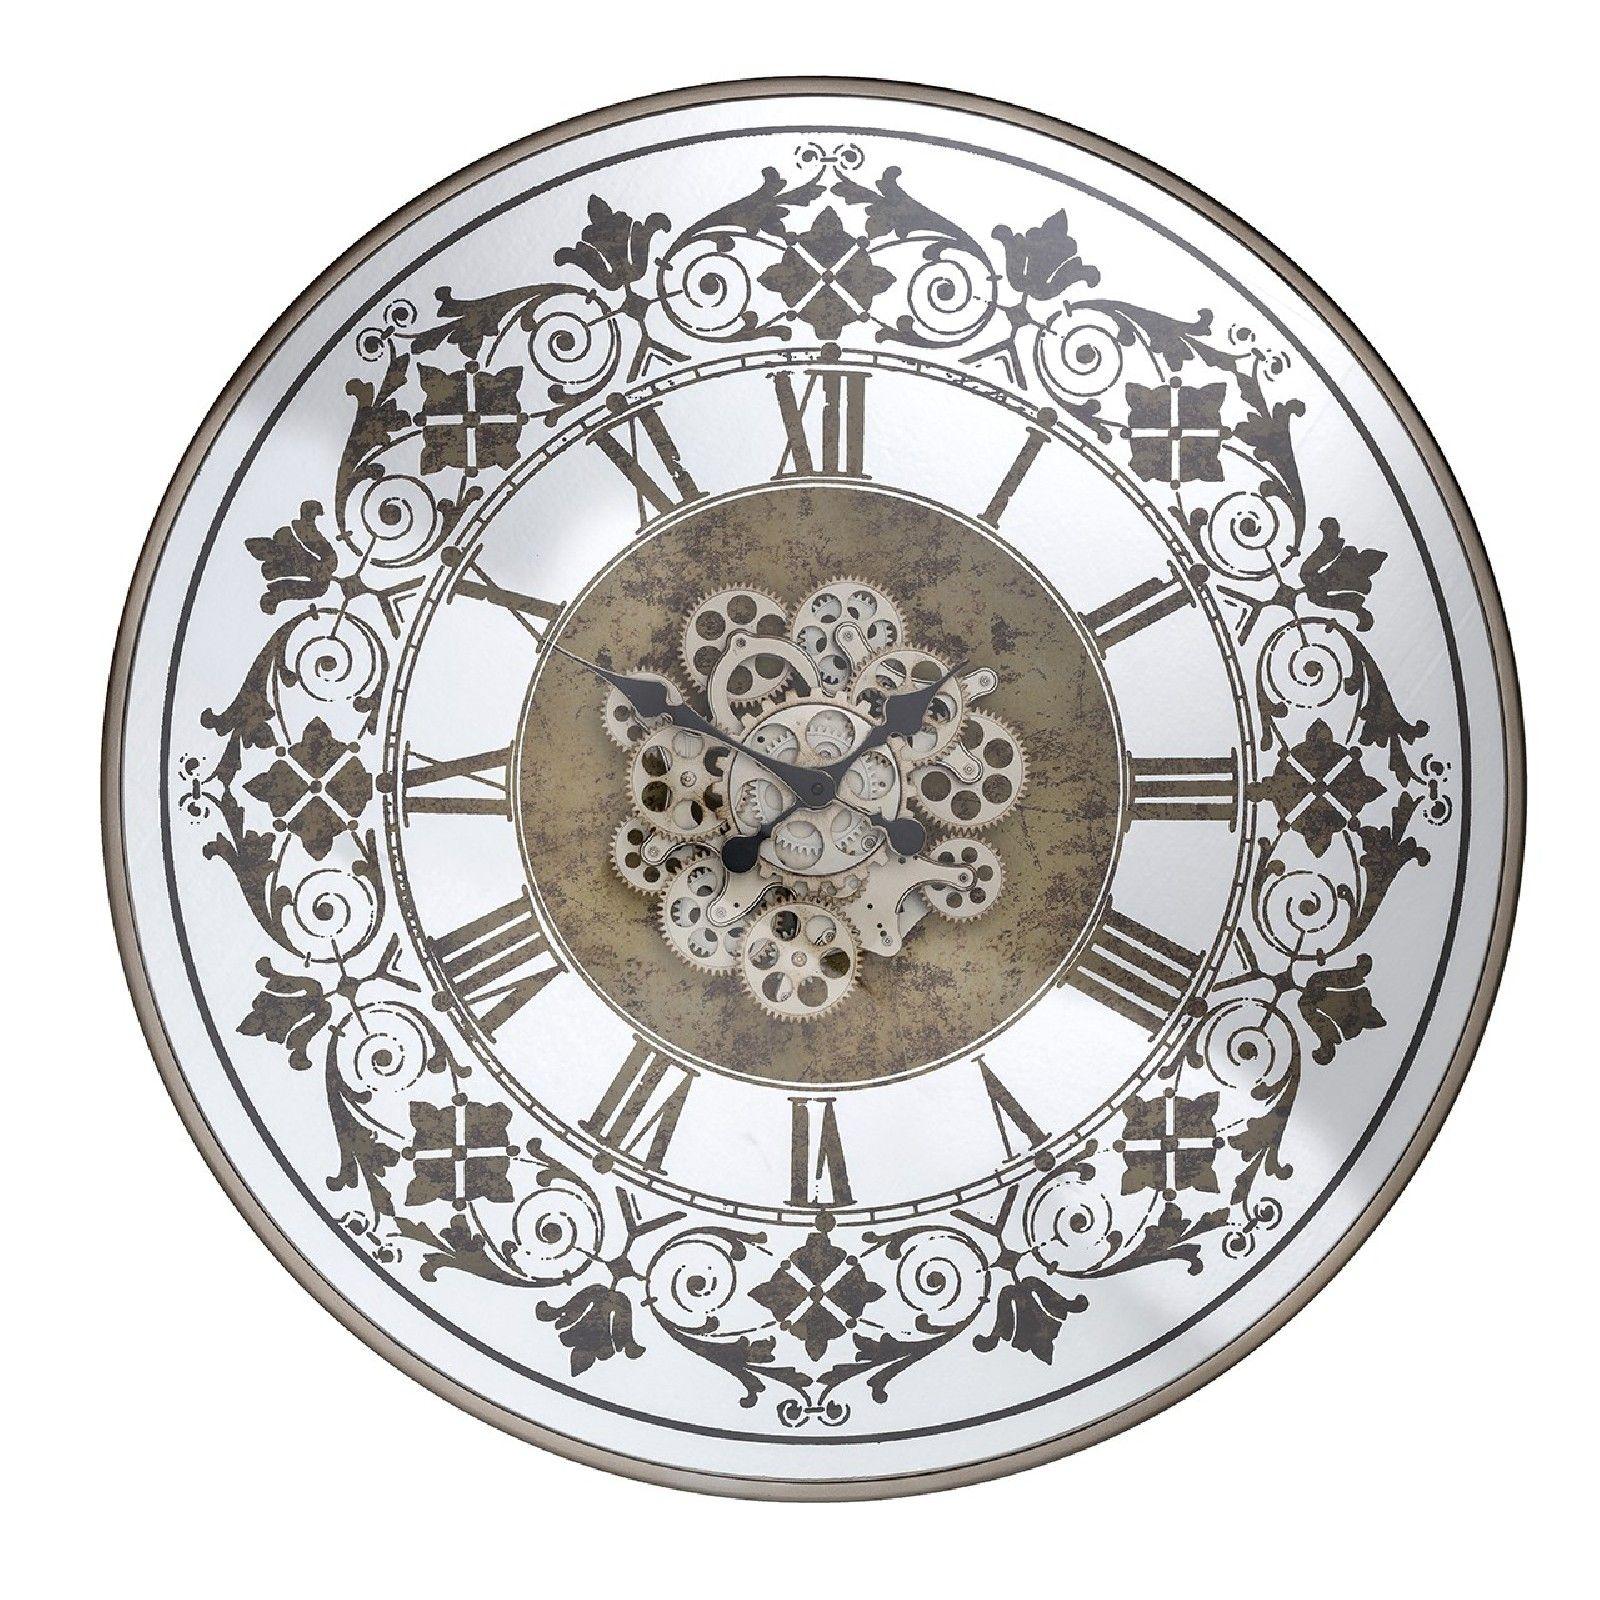 Horloge Orvill ronde dorée Horloges murales - 22